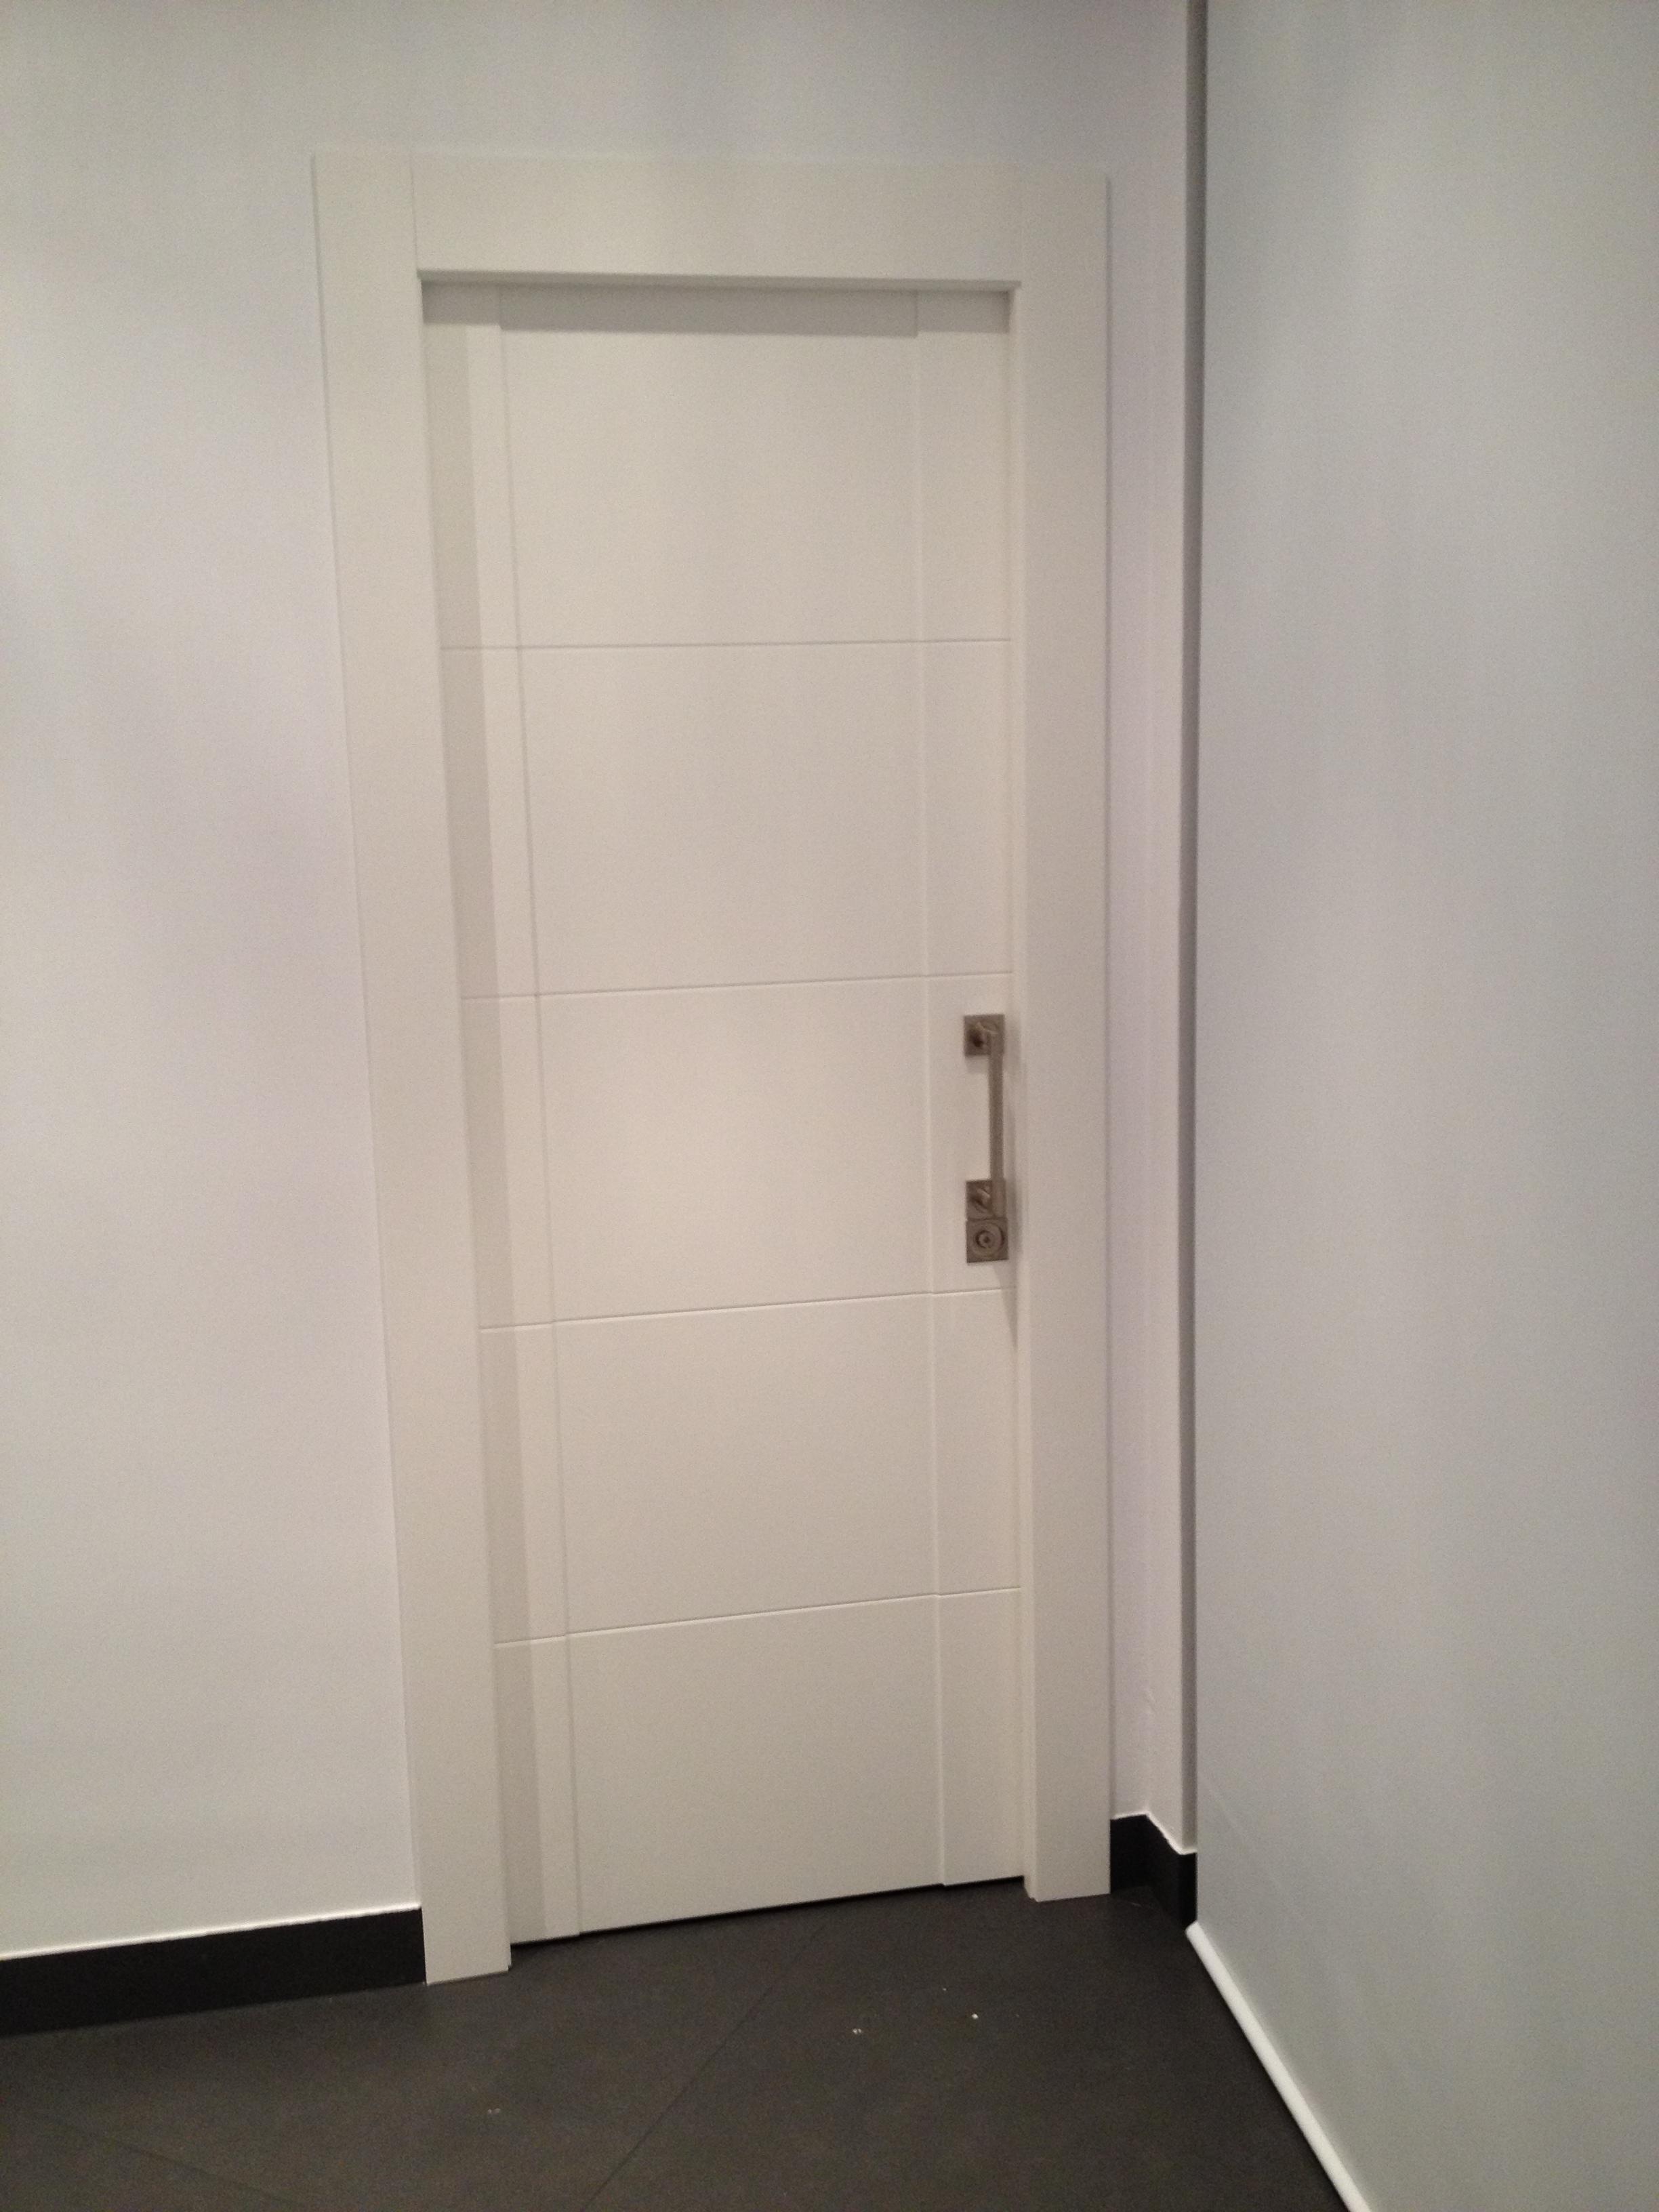 Fabricacion fabrica puertas de paso interior a medida valencia 16 muebles a medida en valencia - Medidas de puertas de interior ...